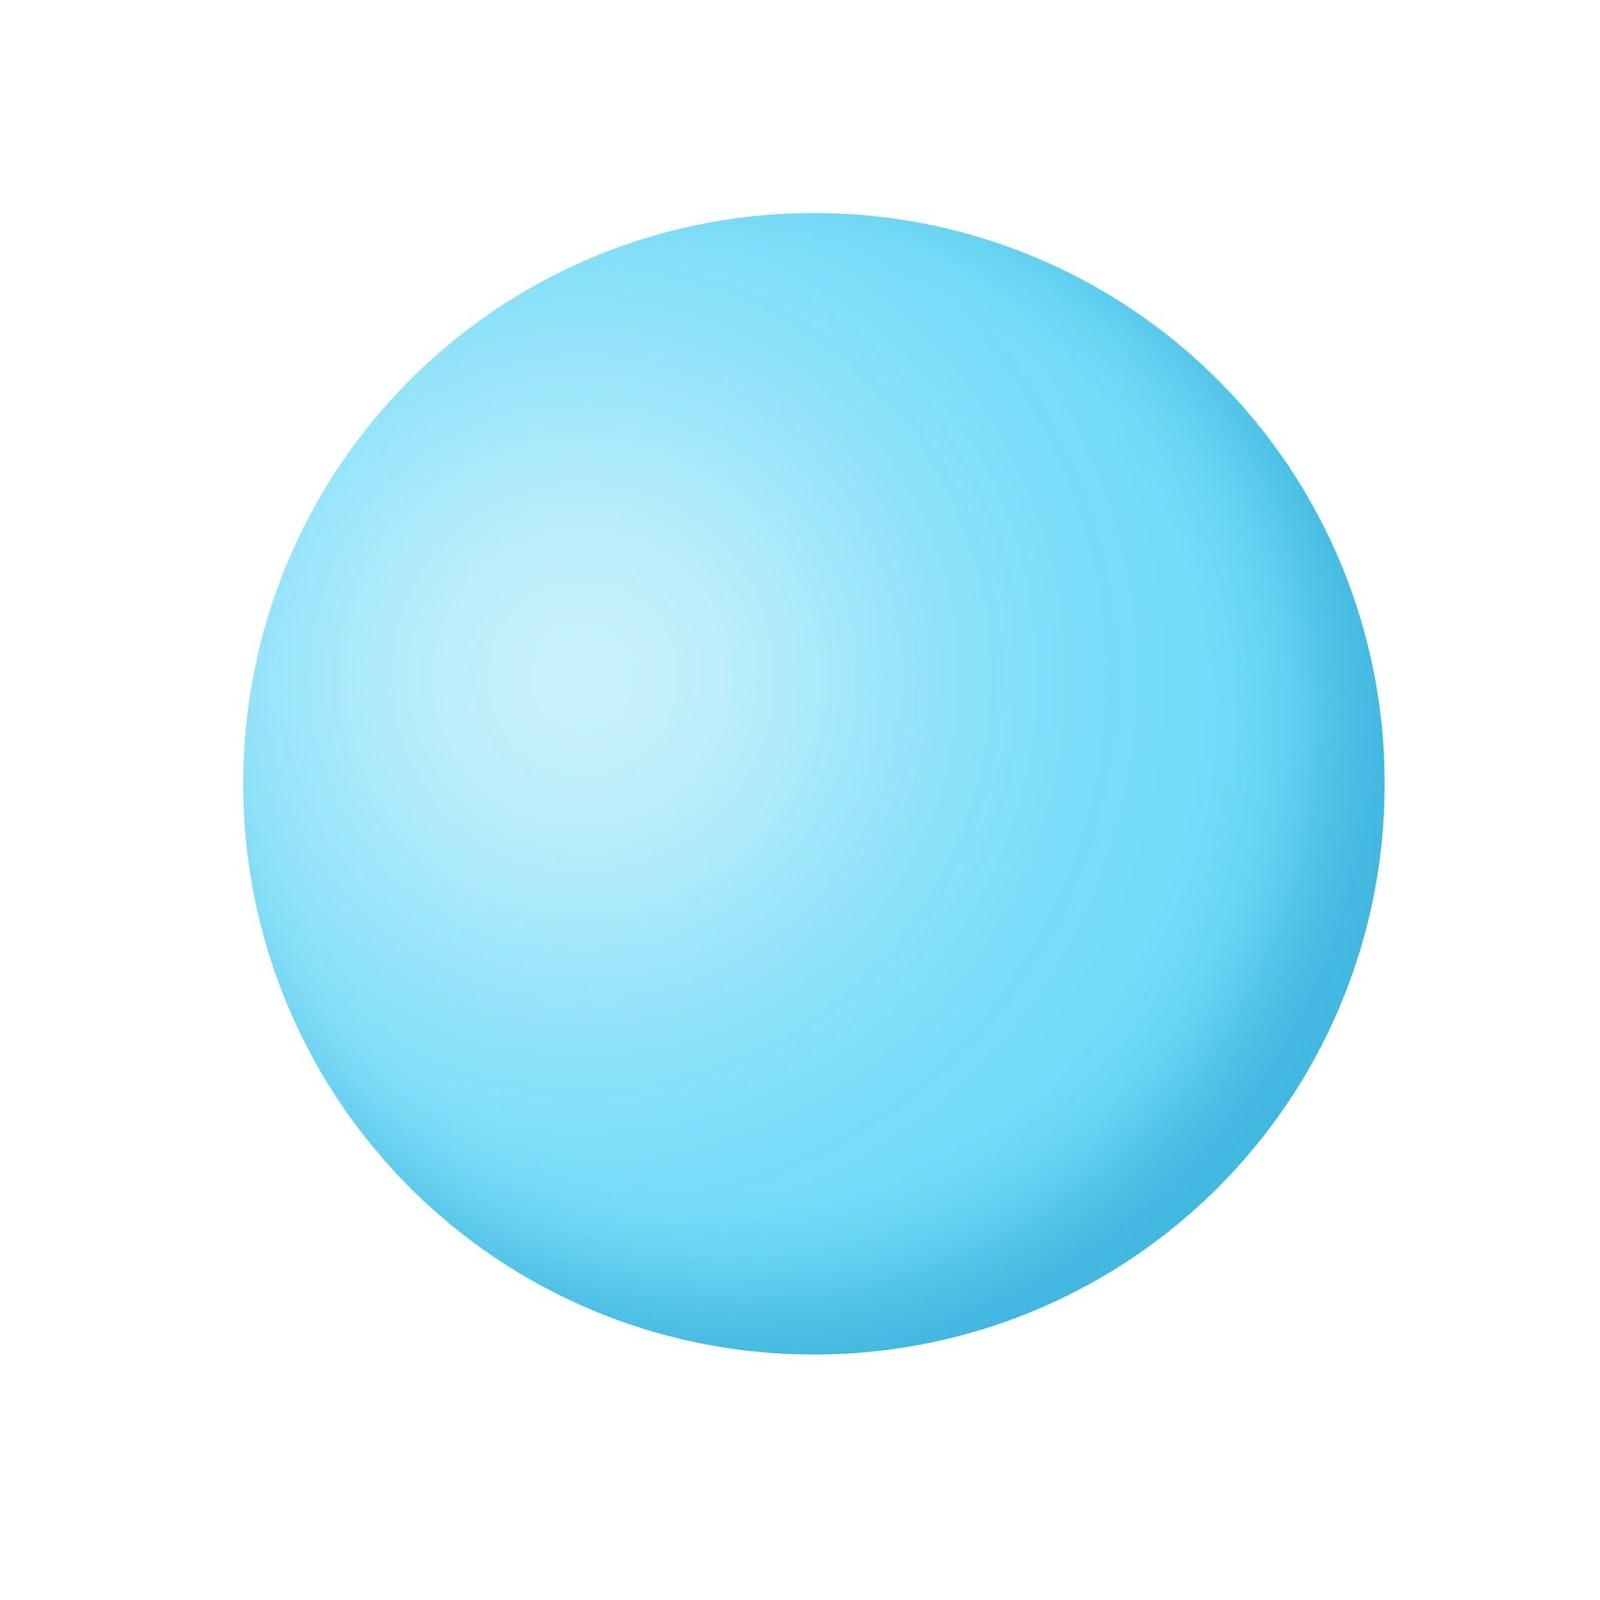 Bubble Clip Art Images Clipar - Bubbles Clip Art